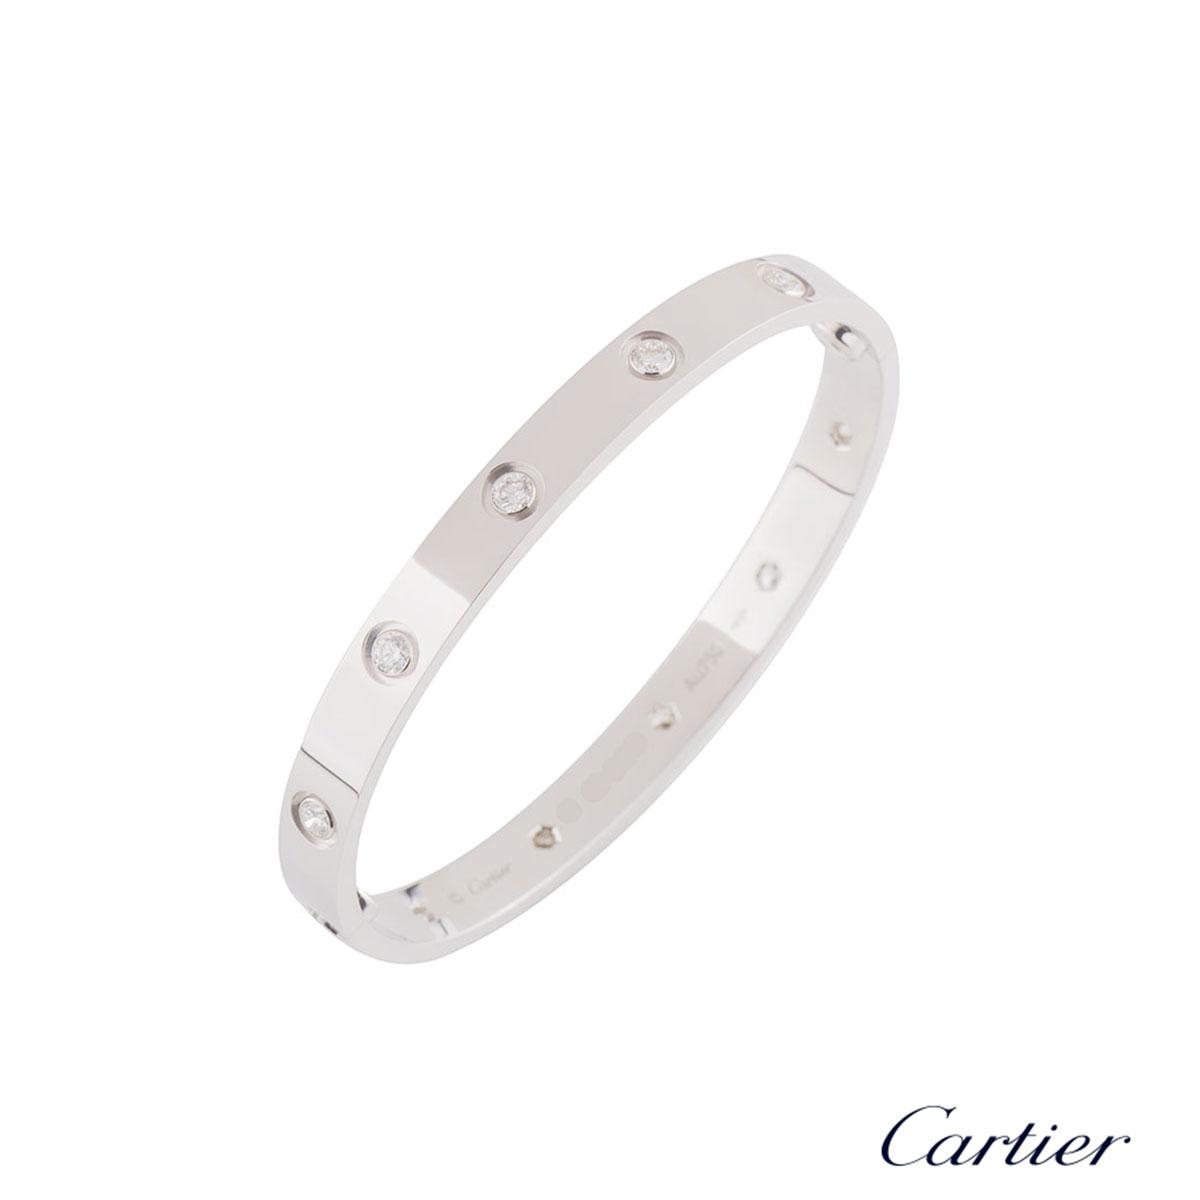 Cartier White Gold Full Diamond Love Bracelet Size 21B6040721